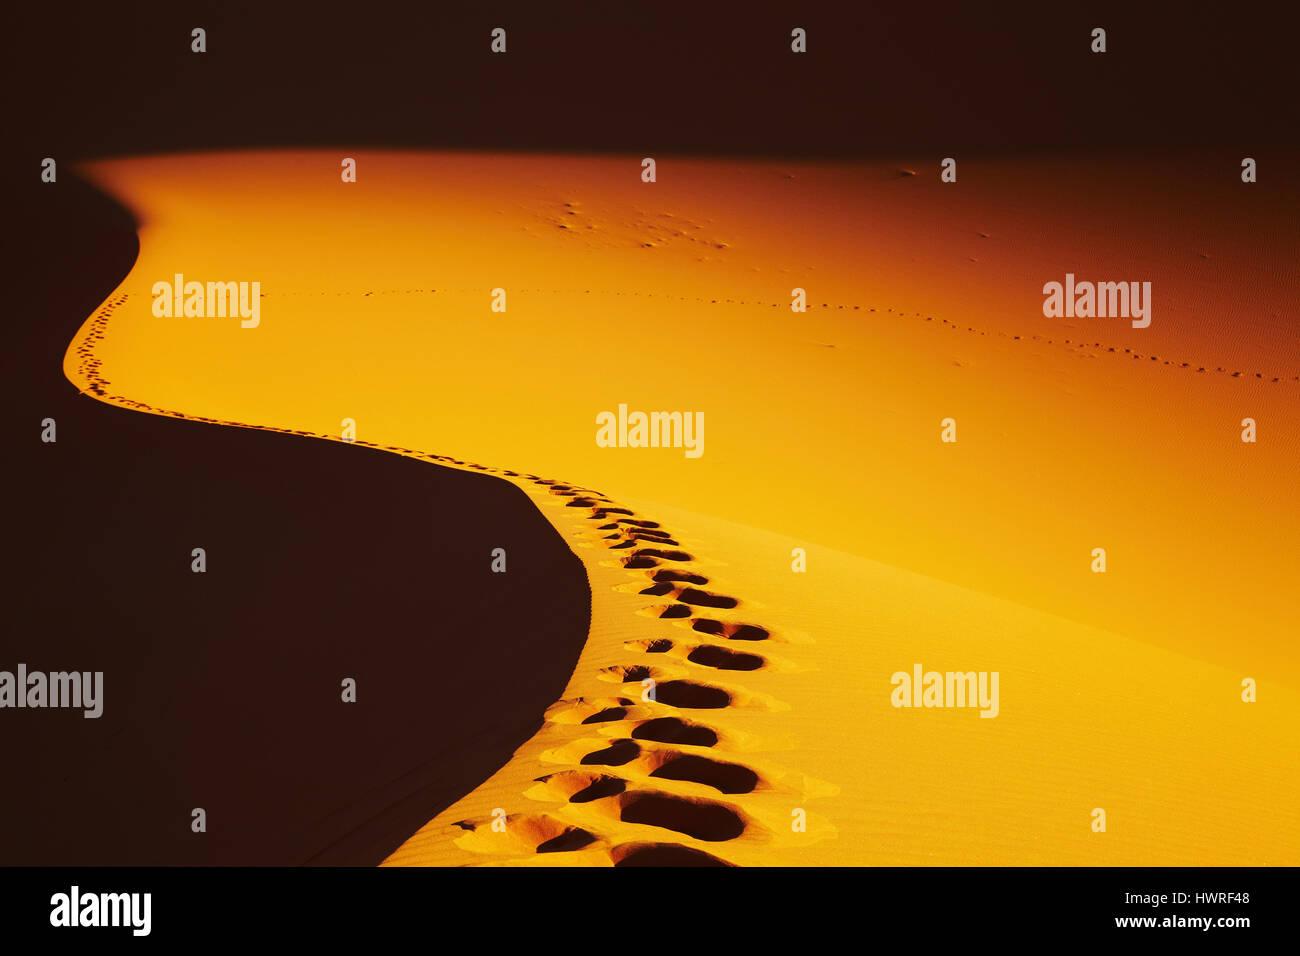 Empreintes sur dune de sable, désert du Sahara, l'Algérie Photo Stock